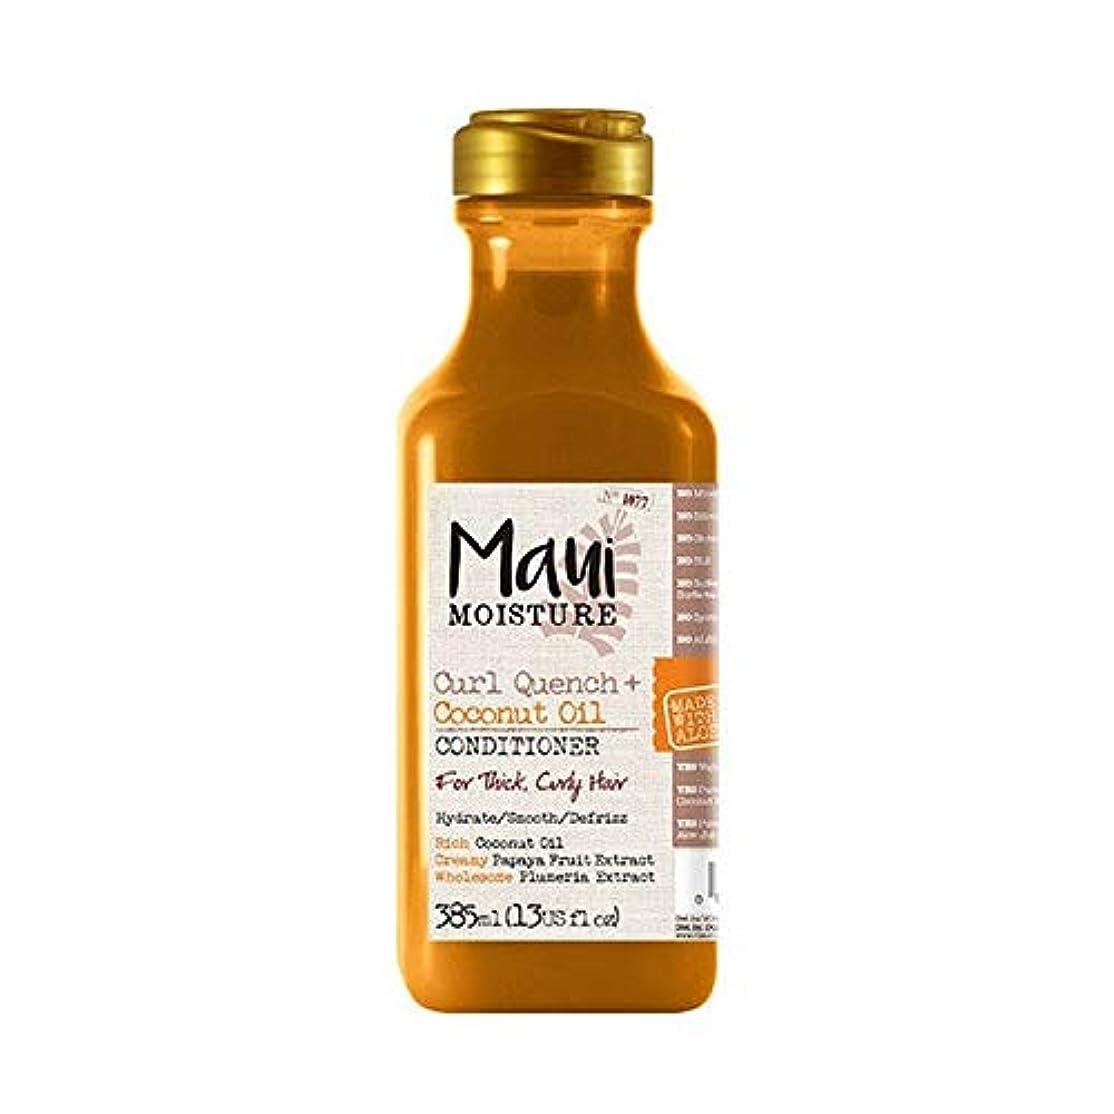 潜む米ドル成り立つ[Maui Moisture ] マウイ水分カールクエンチ+ココナッツオイルコンディショナー - Maui Moisture Curl Quench + Coconut Oil Conditioner [並行輸入品]